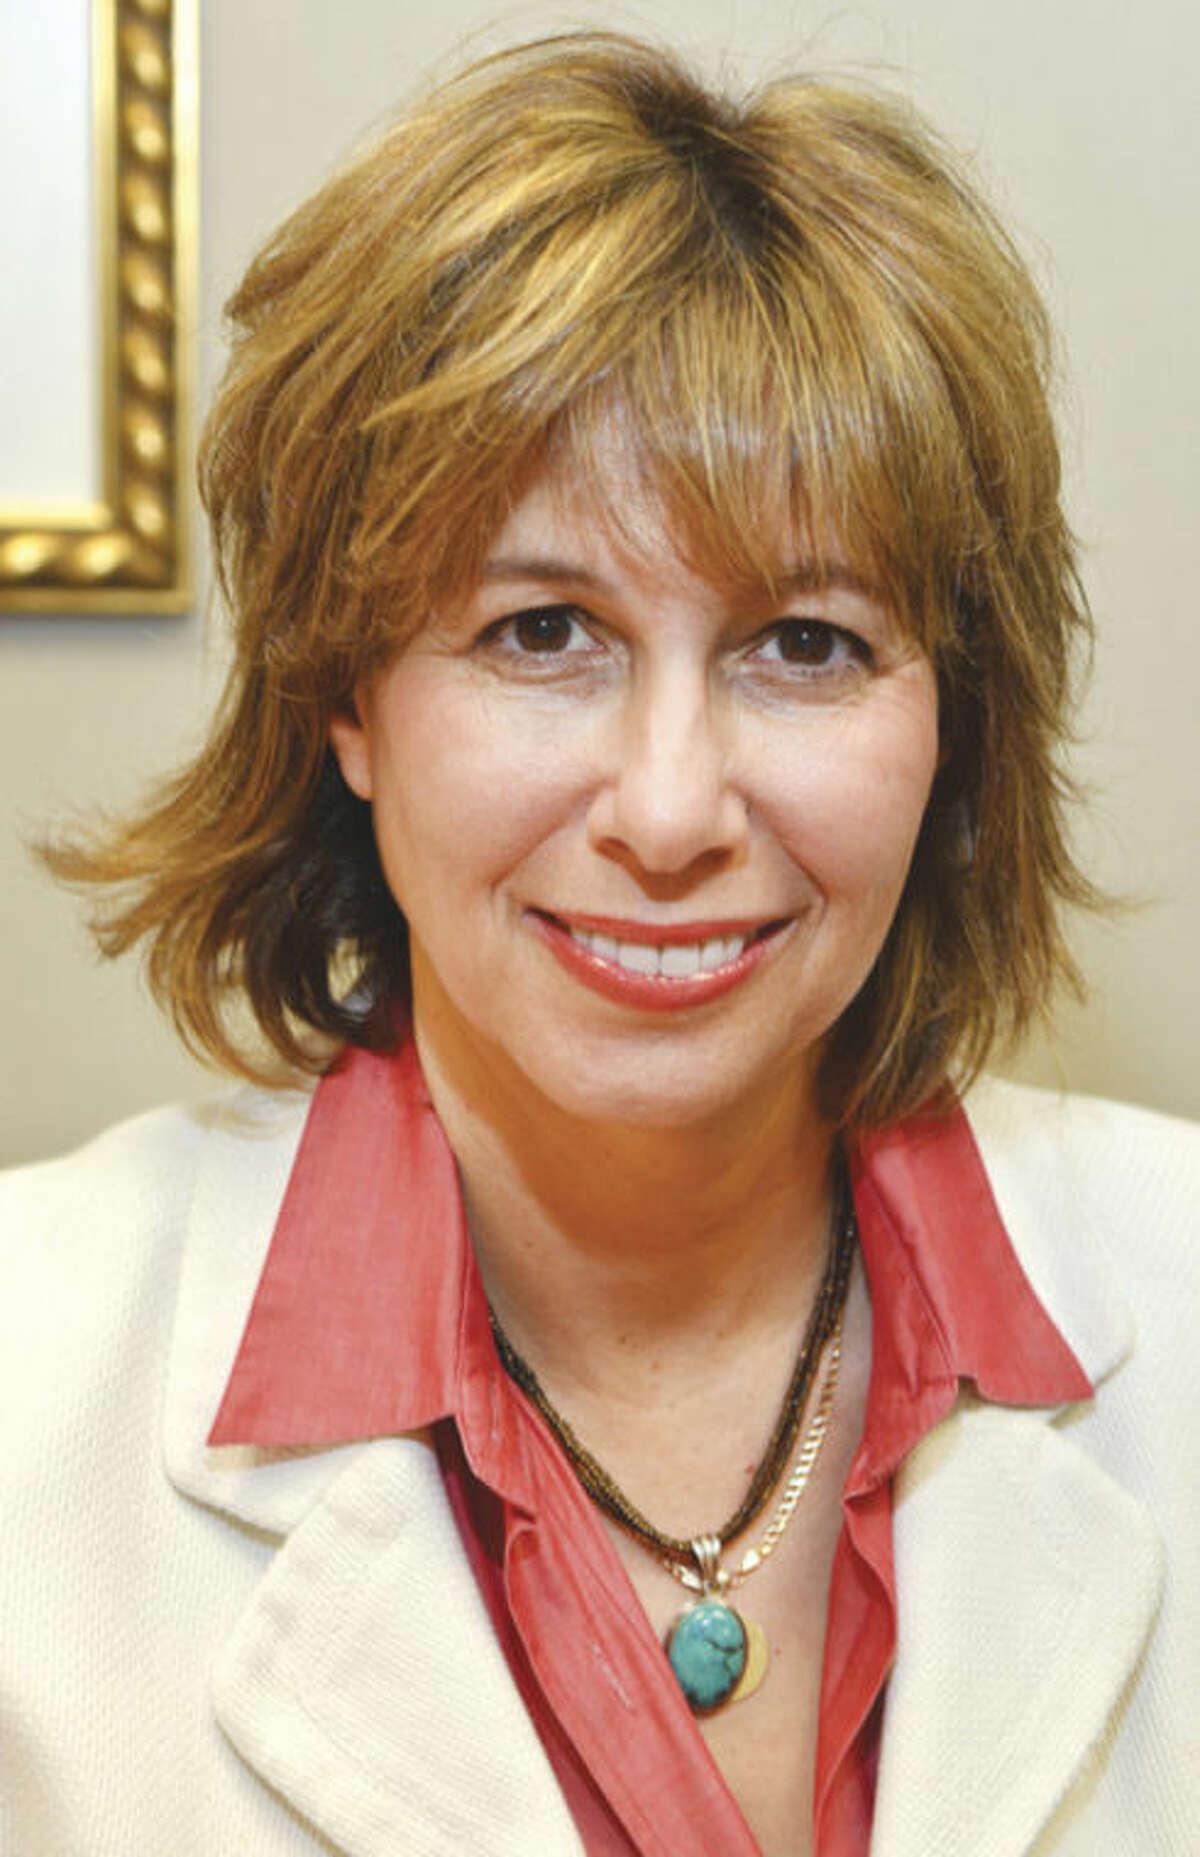 Hour photo / Alex von Kleydorff Lisa Wexler seeks to add probate judge to her resume.